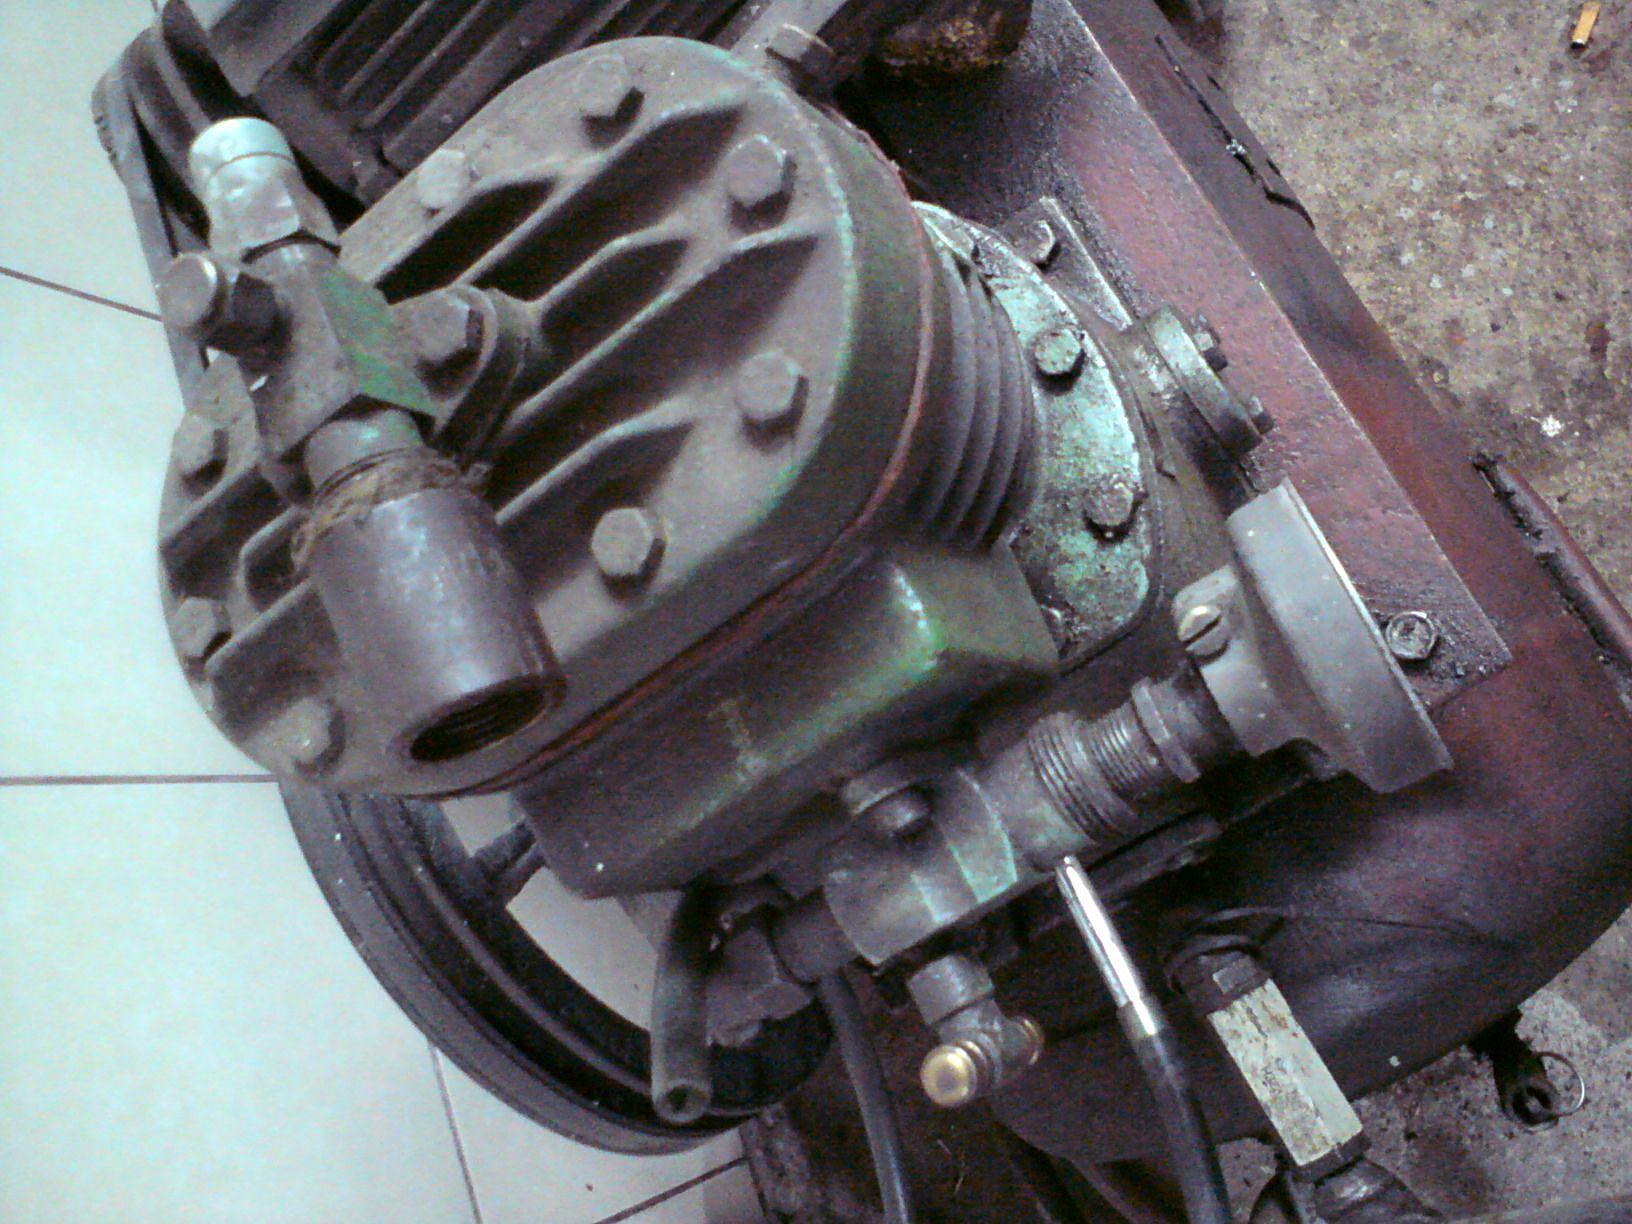 Spr�arka Bitzer - Budowa spr�arki powietrza z kompresora Bitzer.